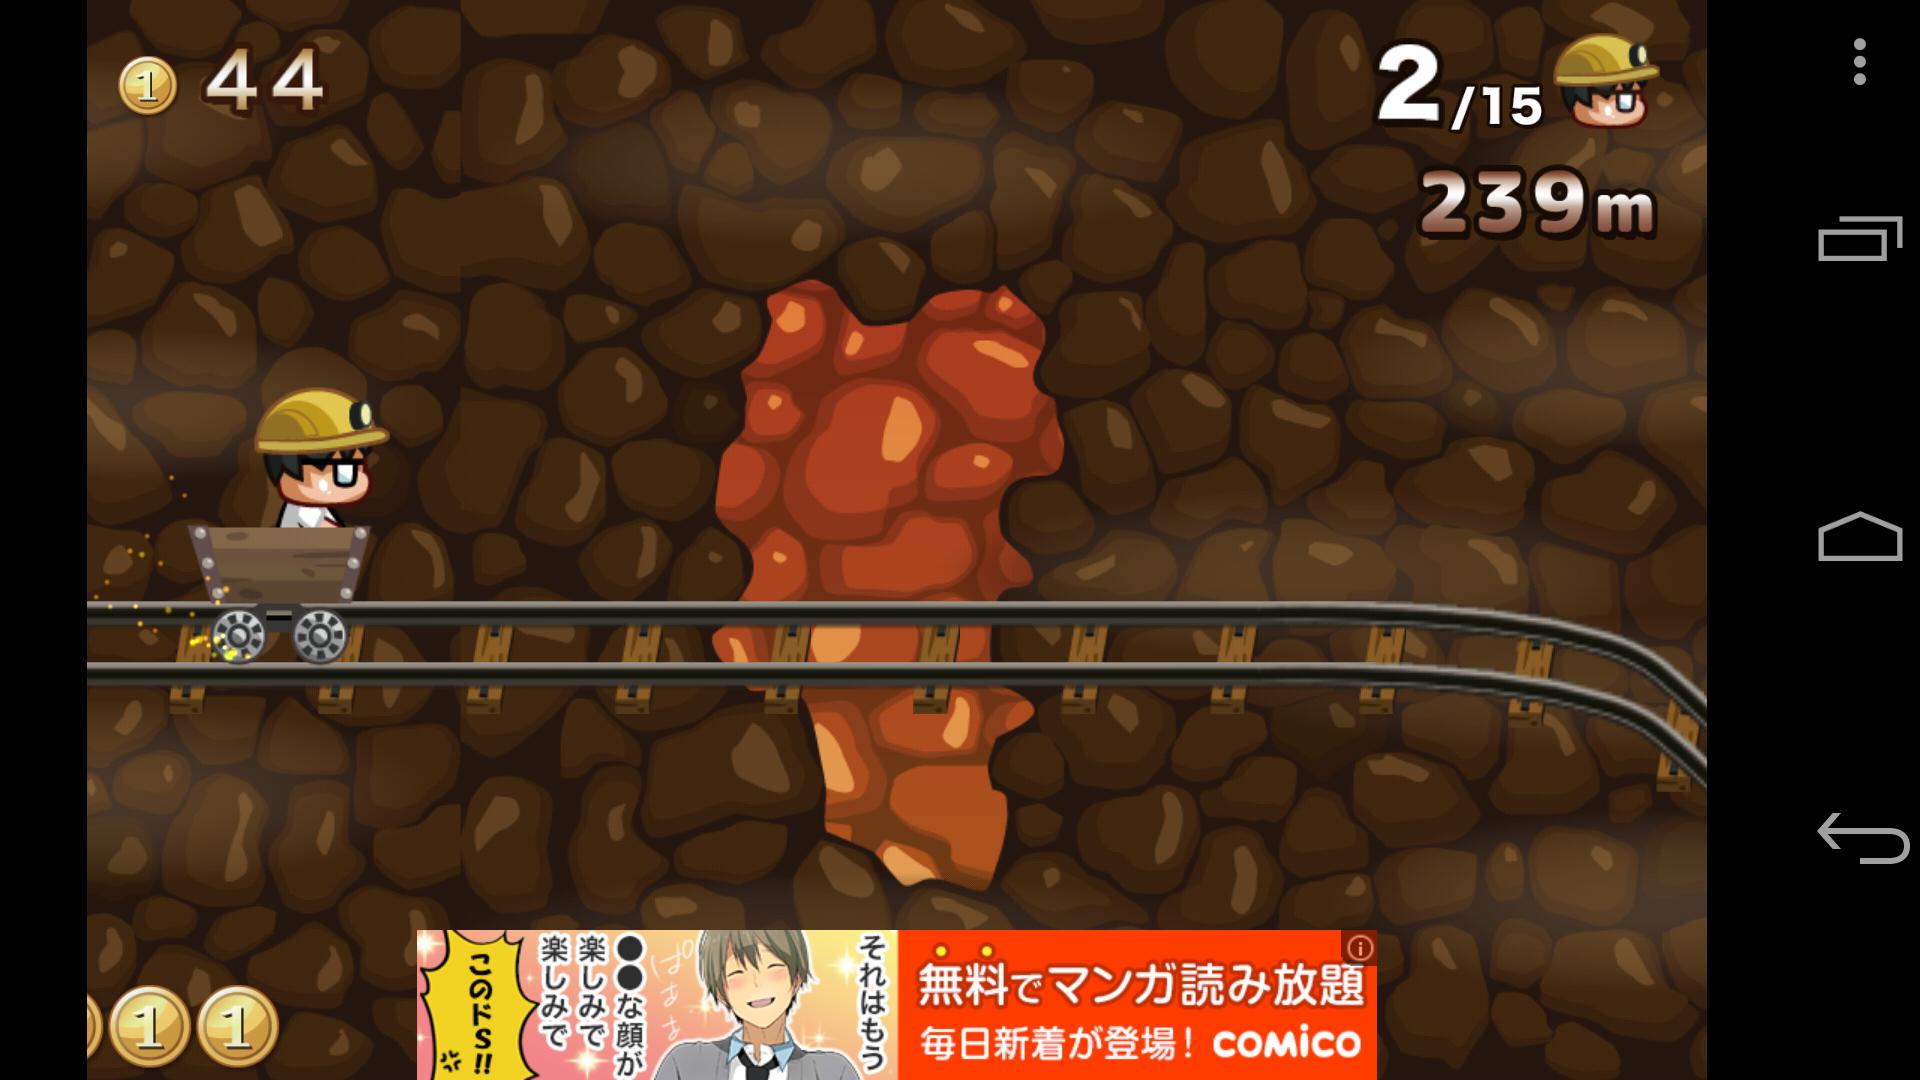 爆走!鬼畜トロッコ androidアプリスクリーンショット1